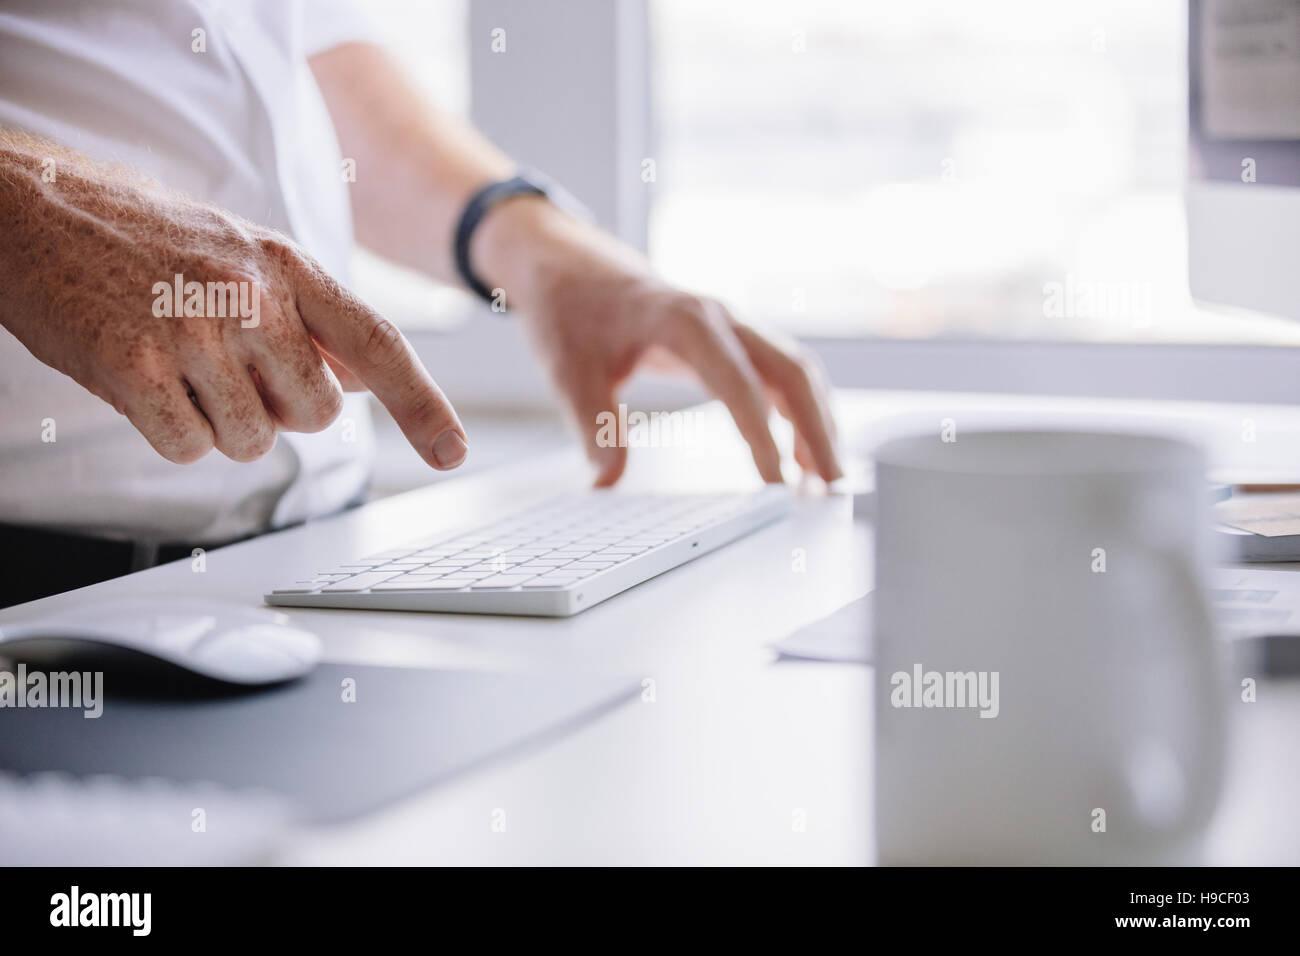 Immagine ravvicinata del giovane uomo mani digitando sulla tastiera wireless sulla scrivania in ufficio. Immagini Stock